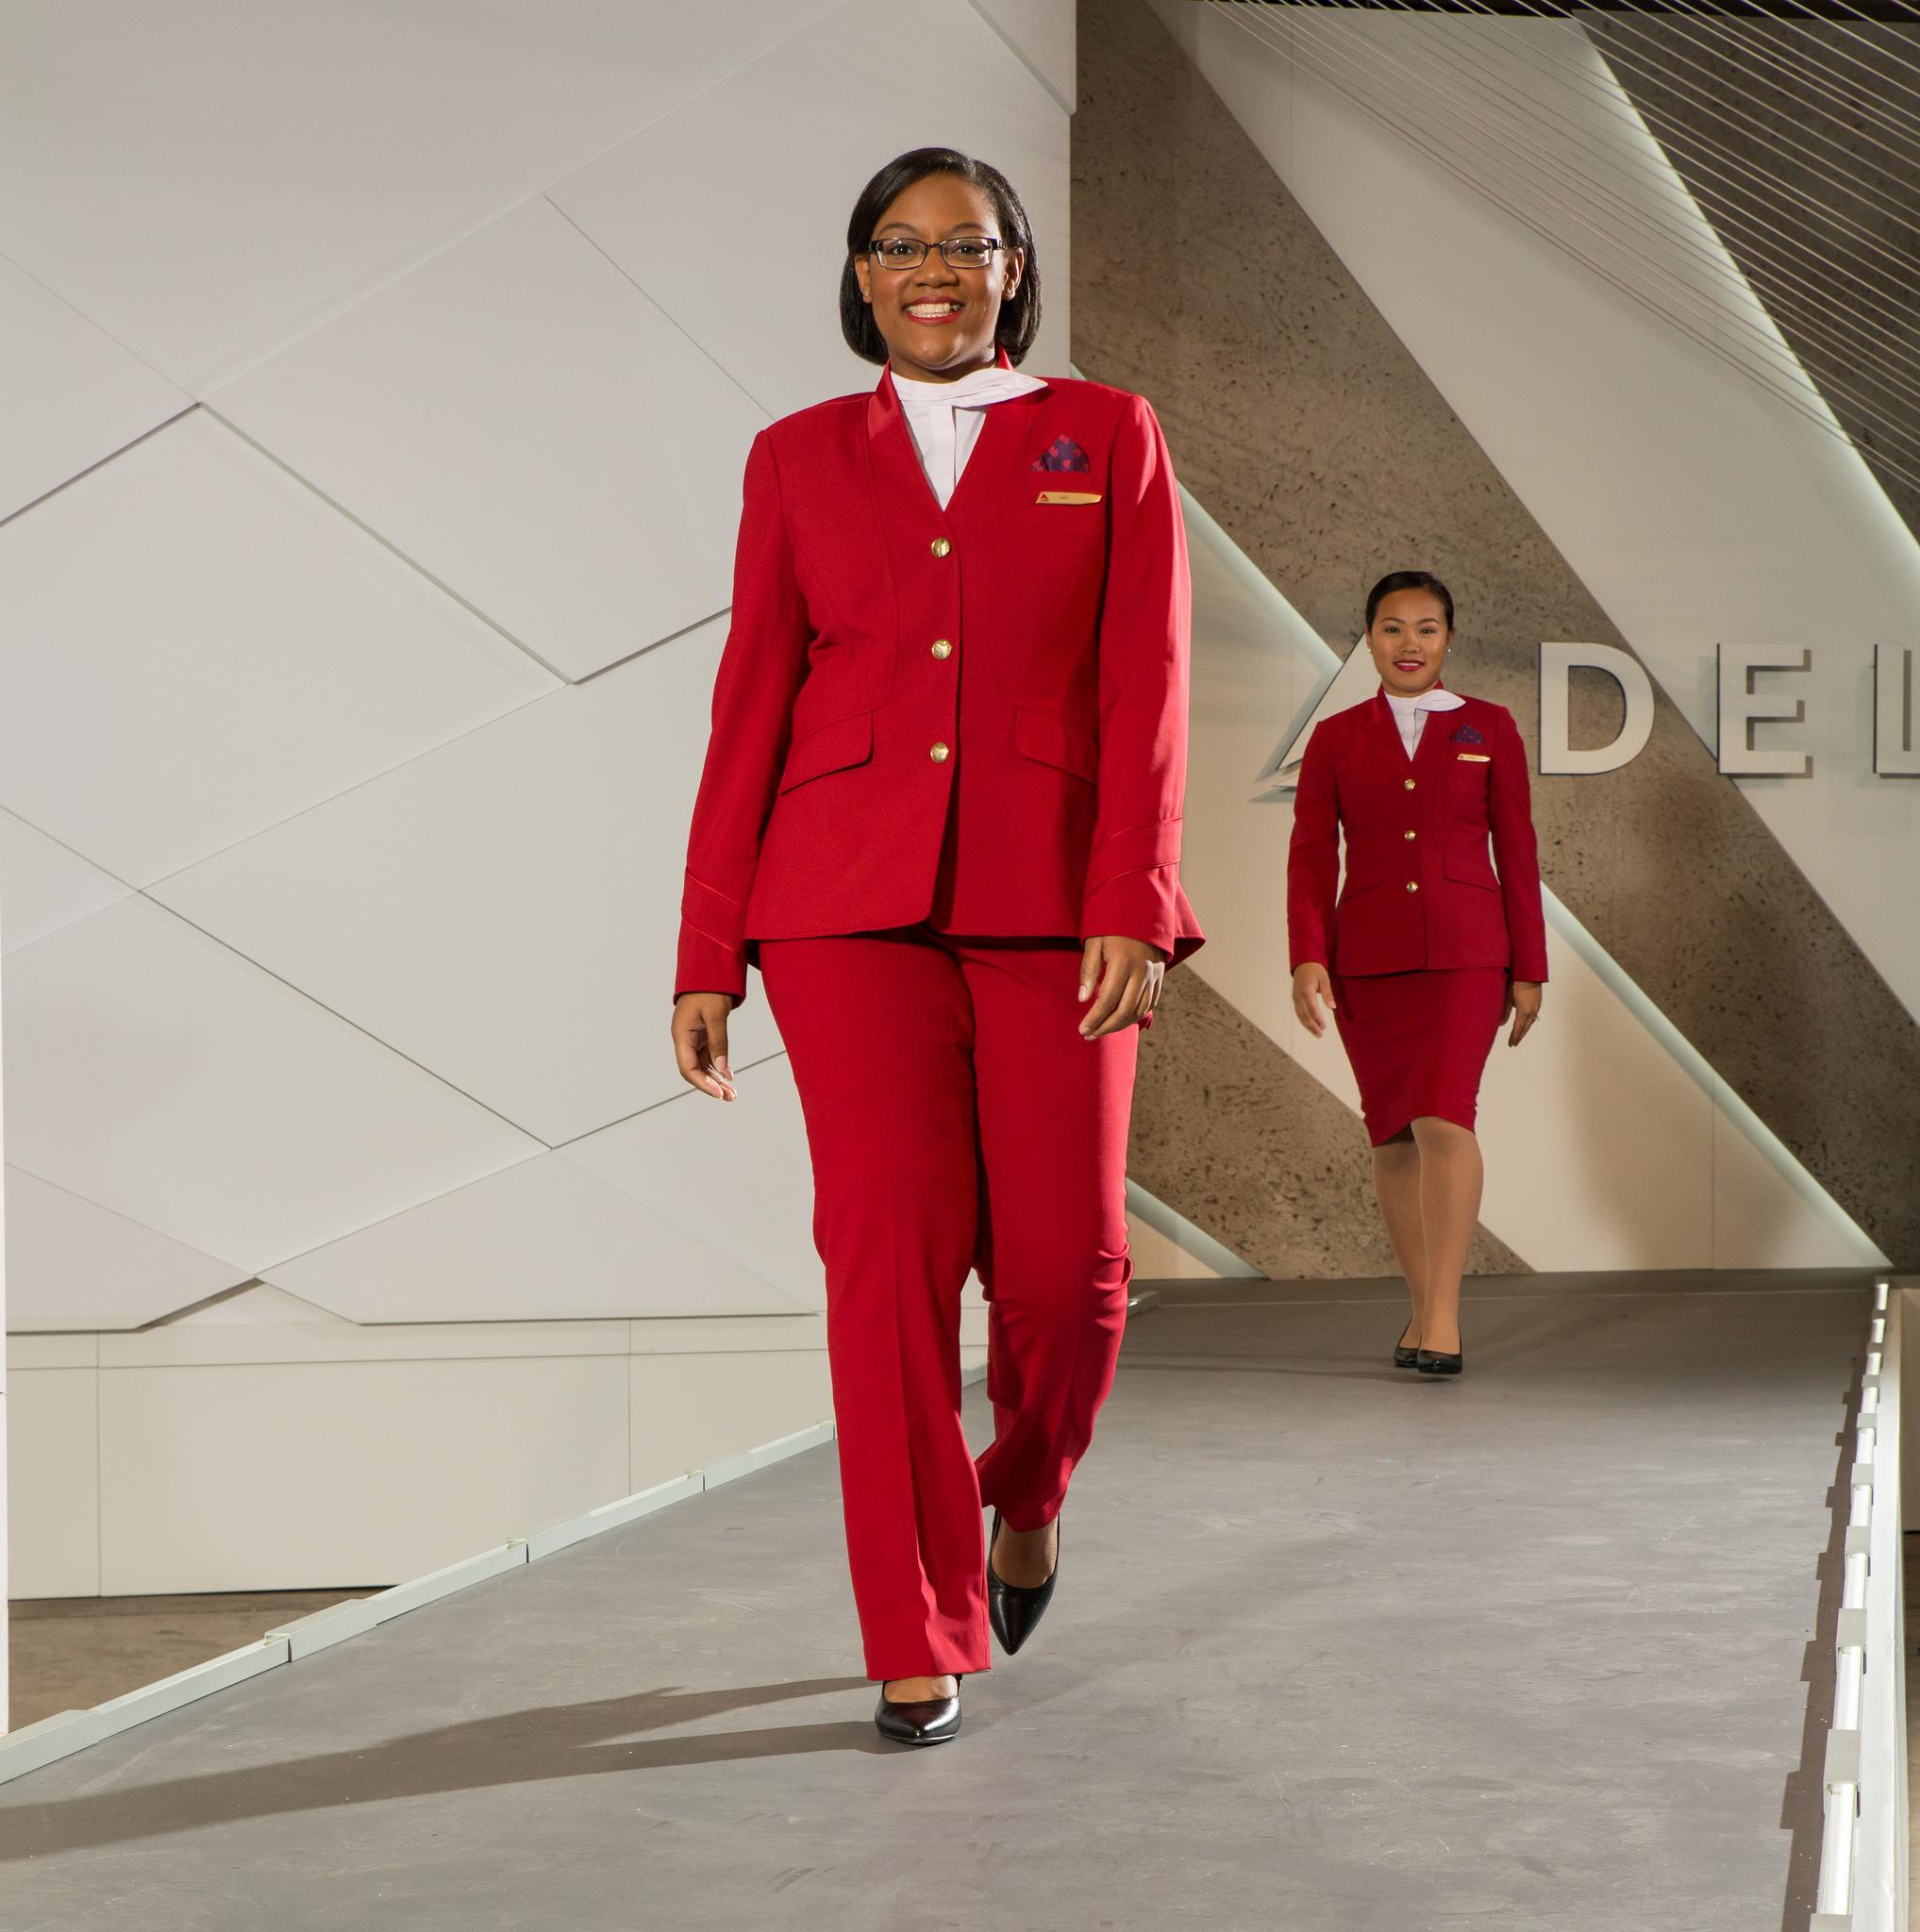 Delta Red Coats